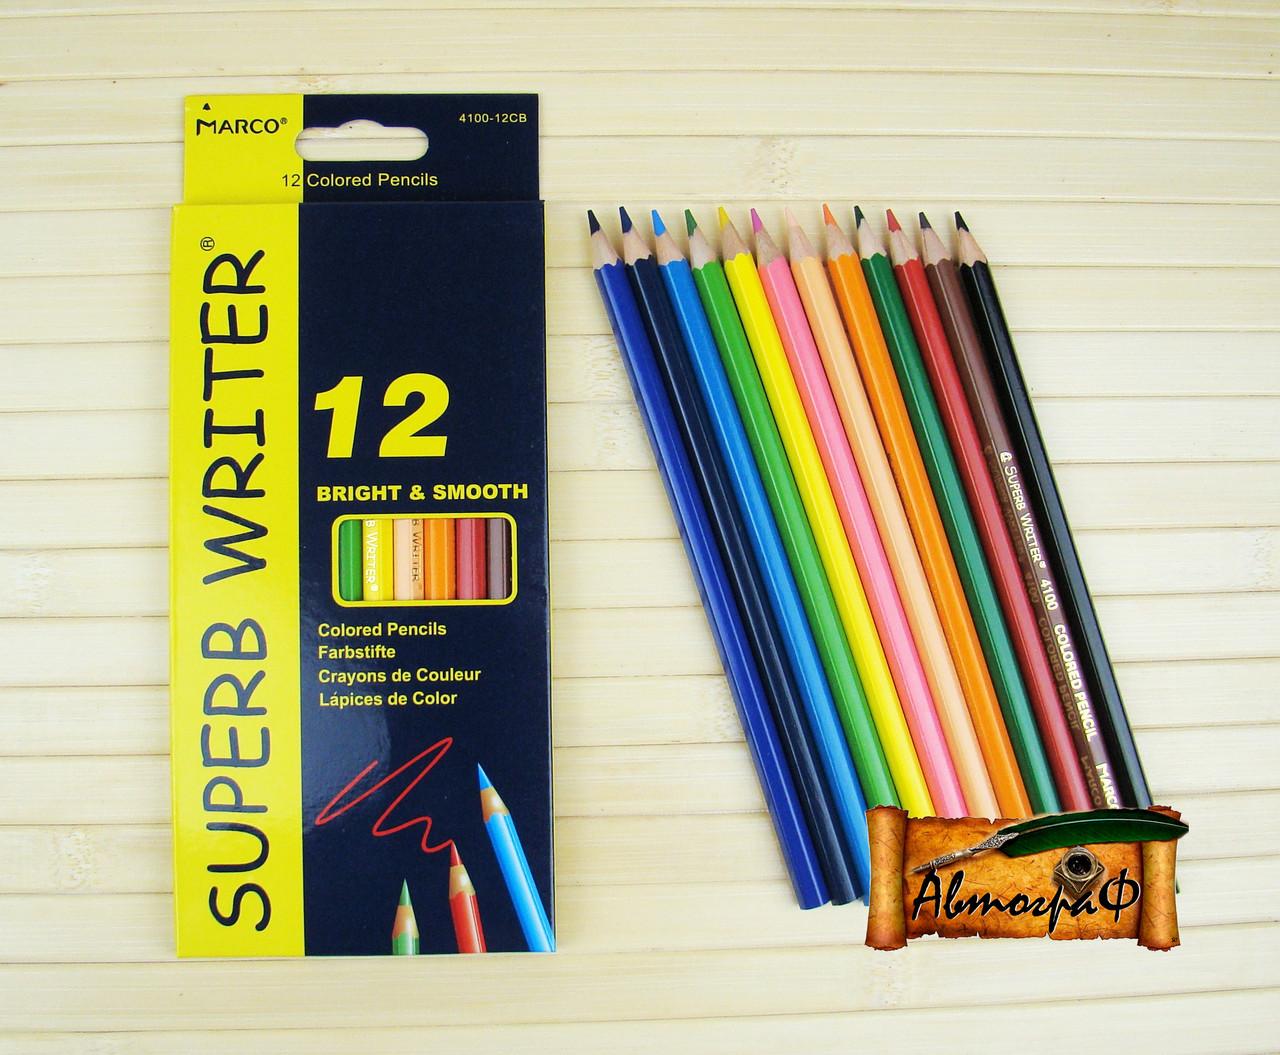 """Цветные карандаши Superb Writer 12 цветов №4100-12CB """"MARCO"""" (уп12\240)"""